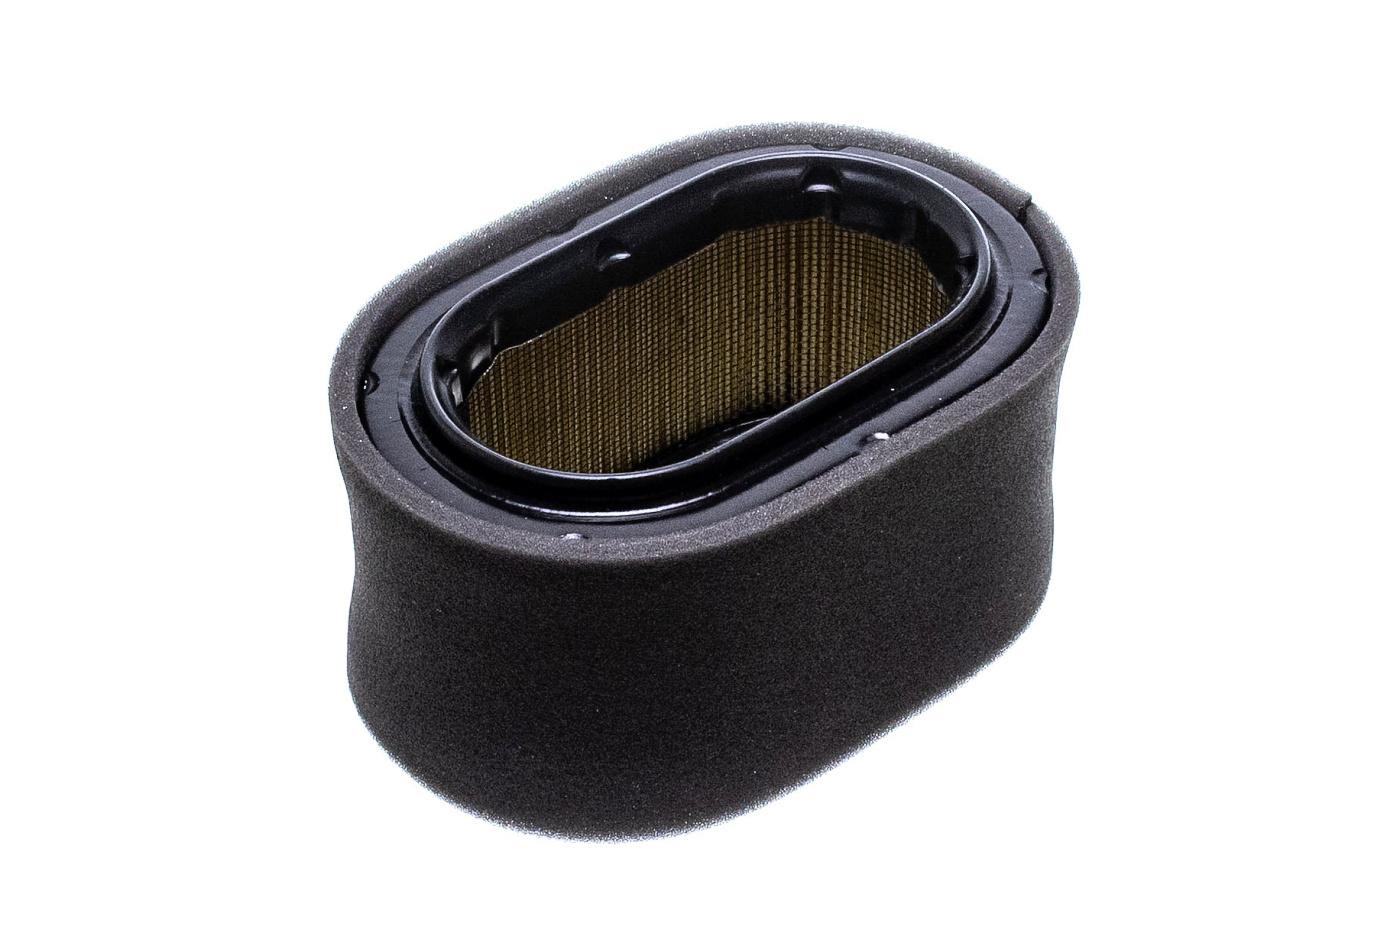 Vzduchový filtr WACKER 114792 EVEREST - 114792